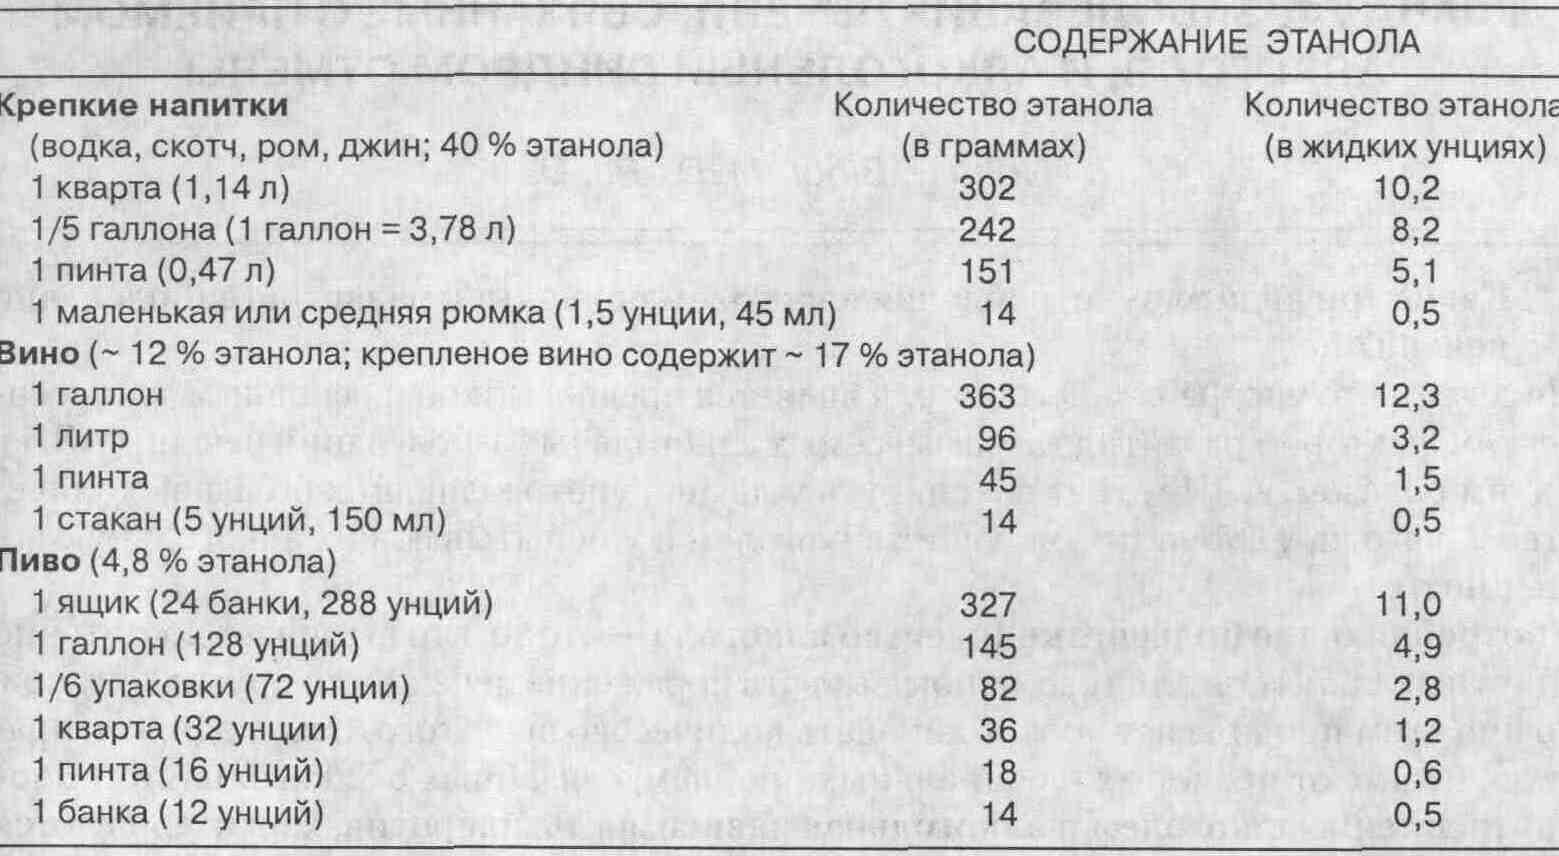 Сколько алкоголя в квасе: процентное содержание спирта в напитке и количество градусов